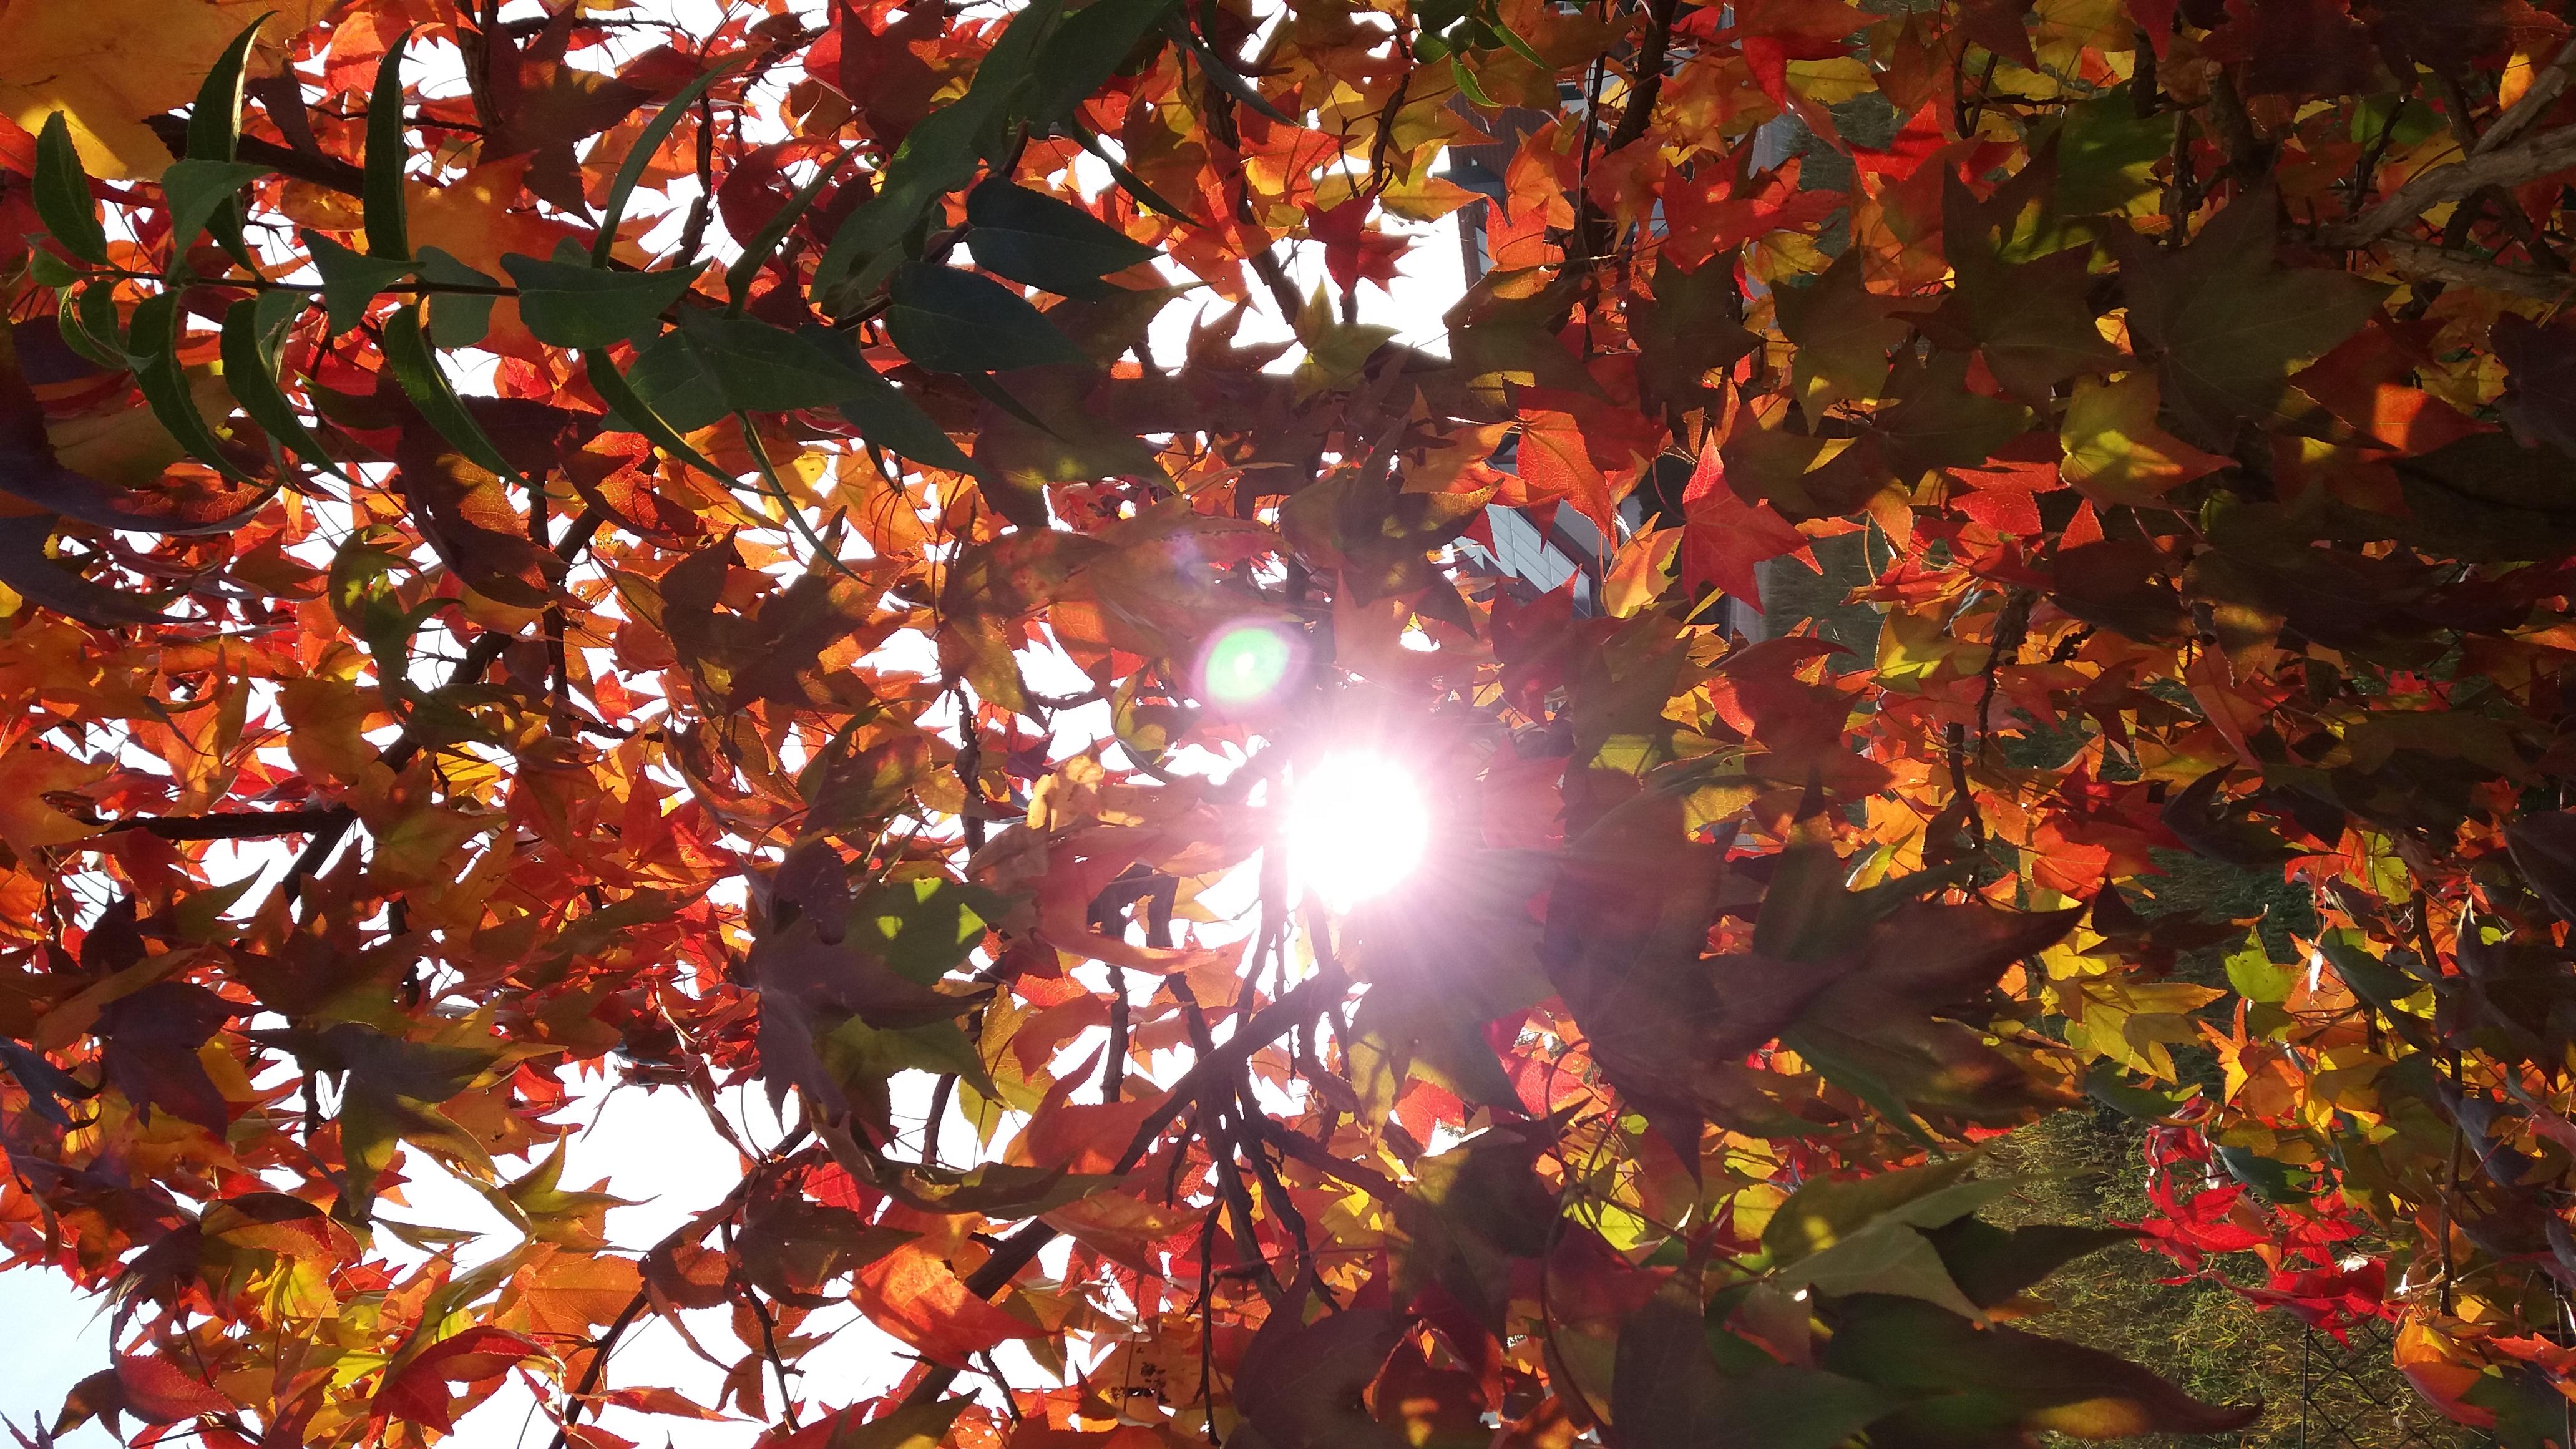 Herbstblätter in der Herbstsonne